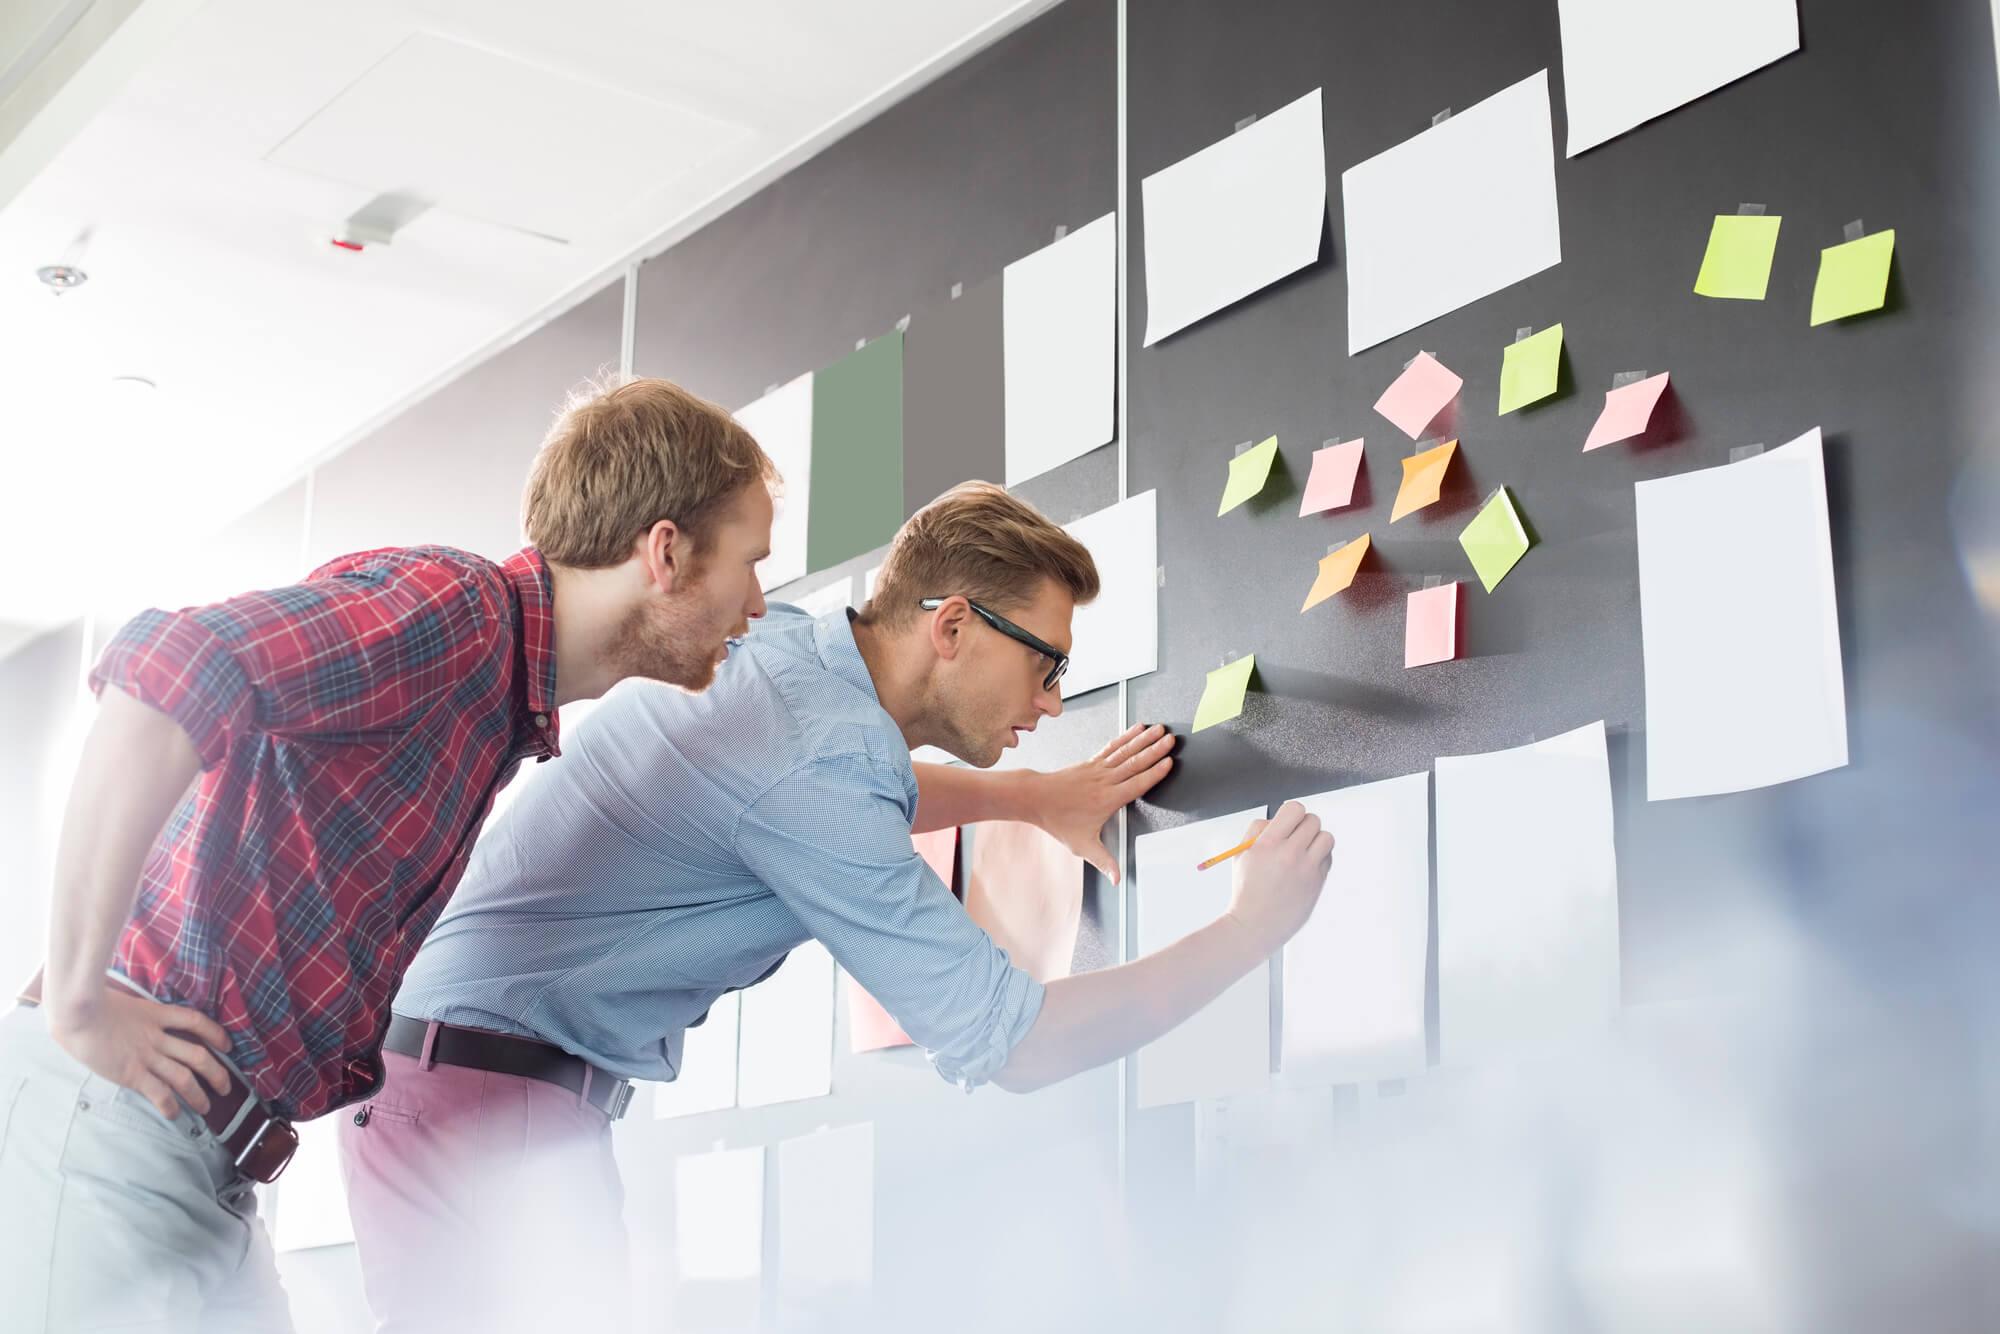 4-motivos-para-contratar-uma-agencia-de-marketing-digital.jpeg